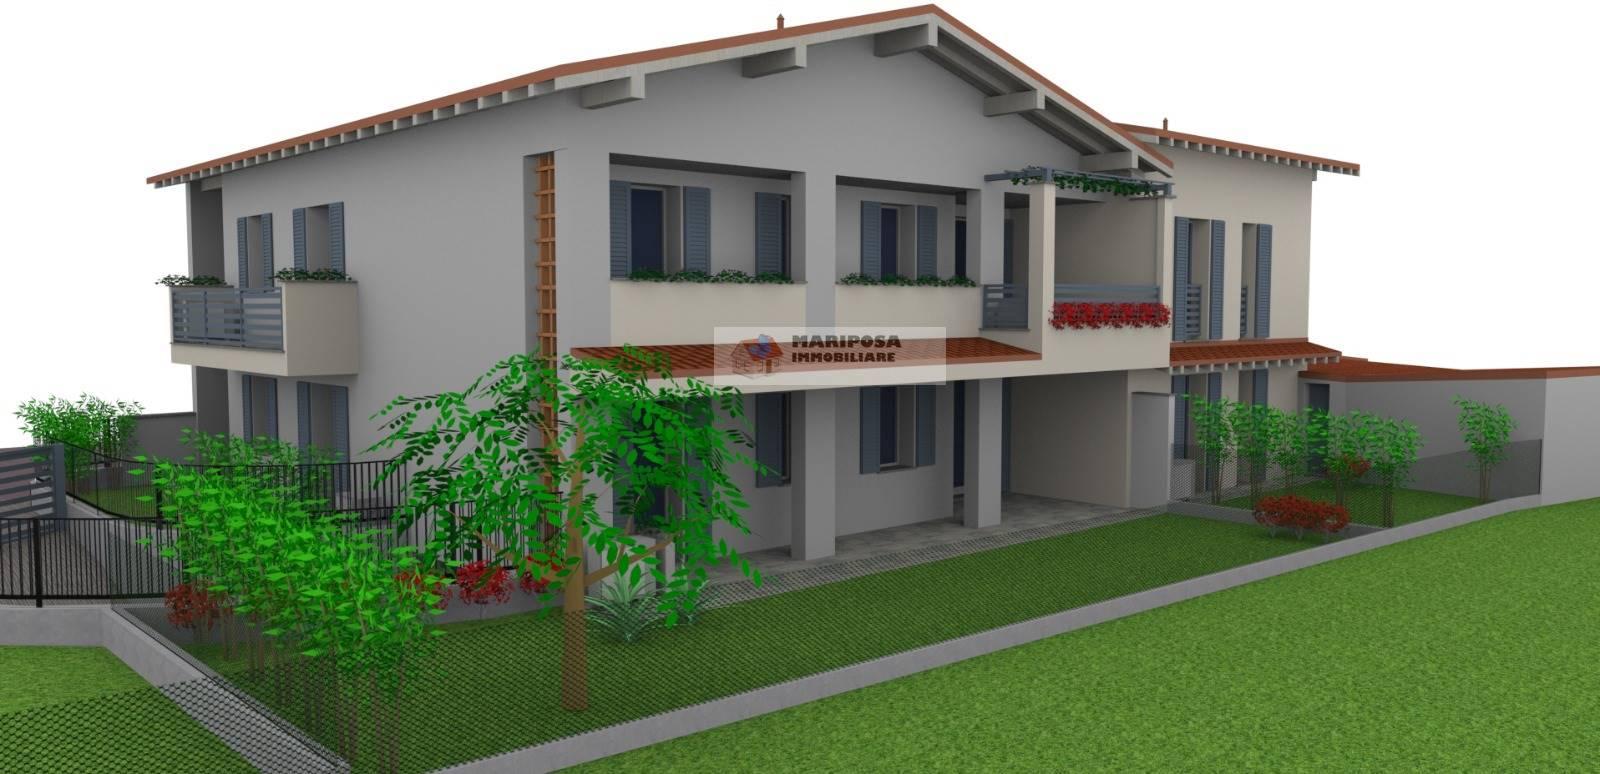 Appartamento in vendita a Crema, 3 locali, prezzo € 199.000 | PortaleAgenzieImmobiliari.it